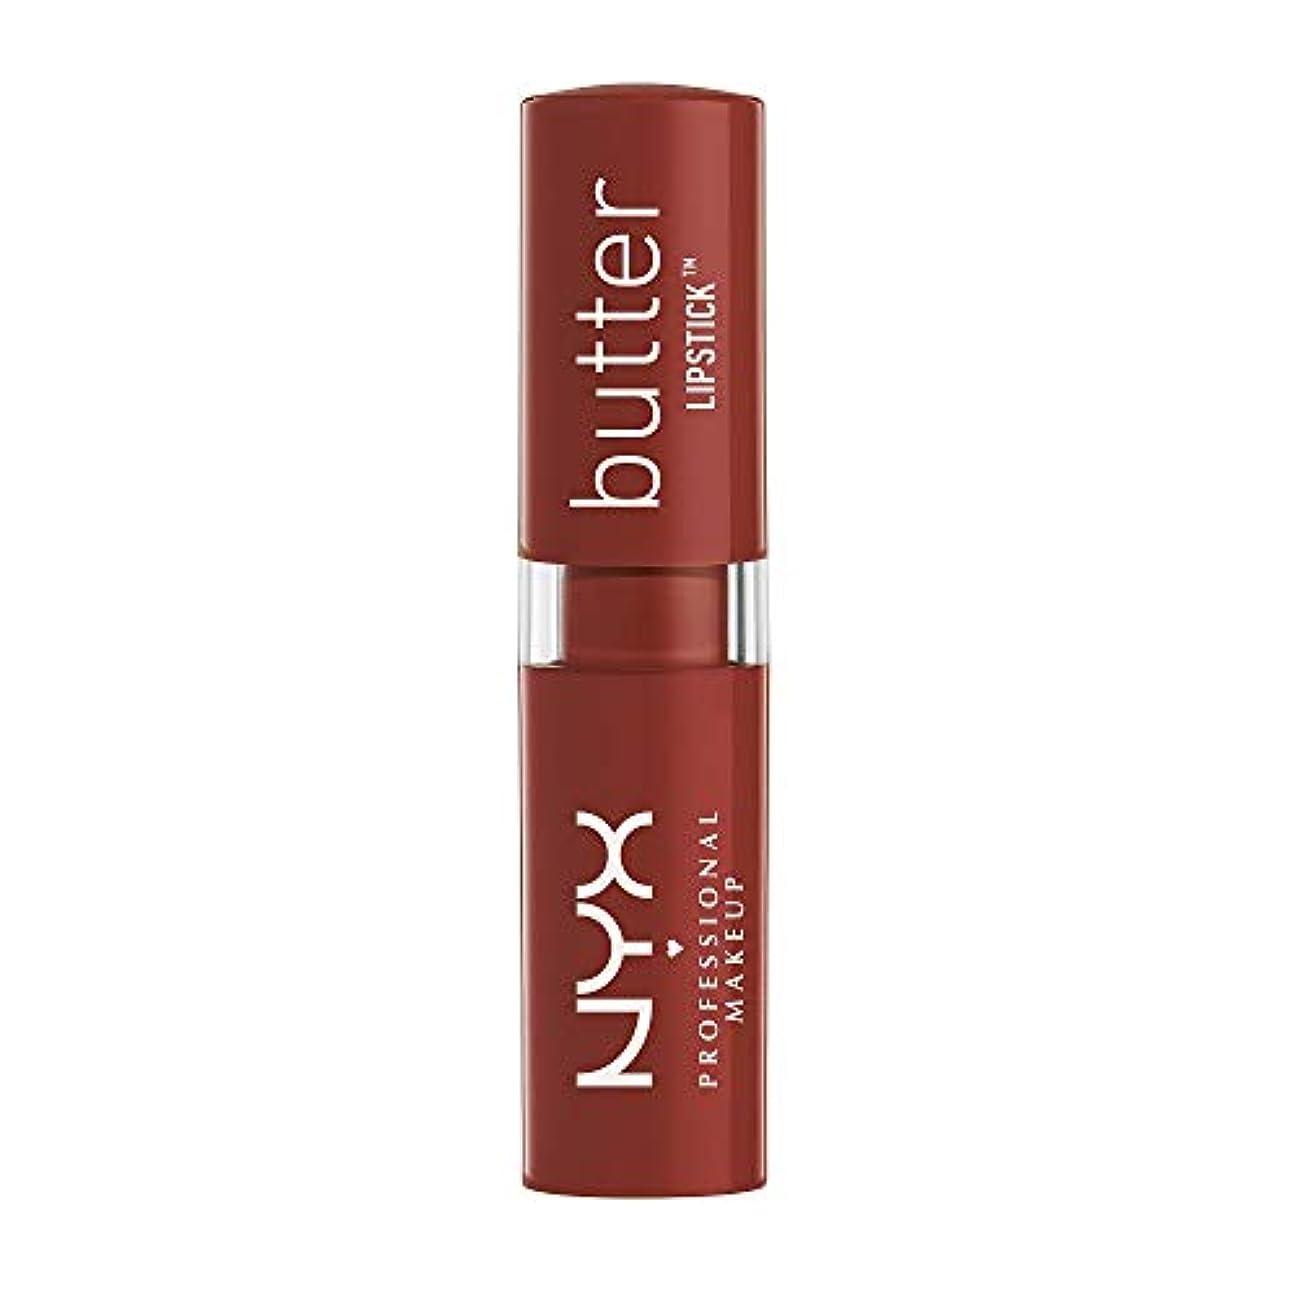 拡張ジェーンオースティン怒るNYX(ニックス) バター リップスティック 24 カラーライプ ベリー